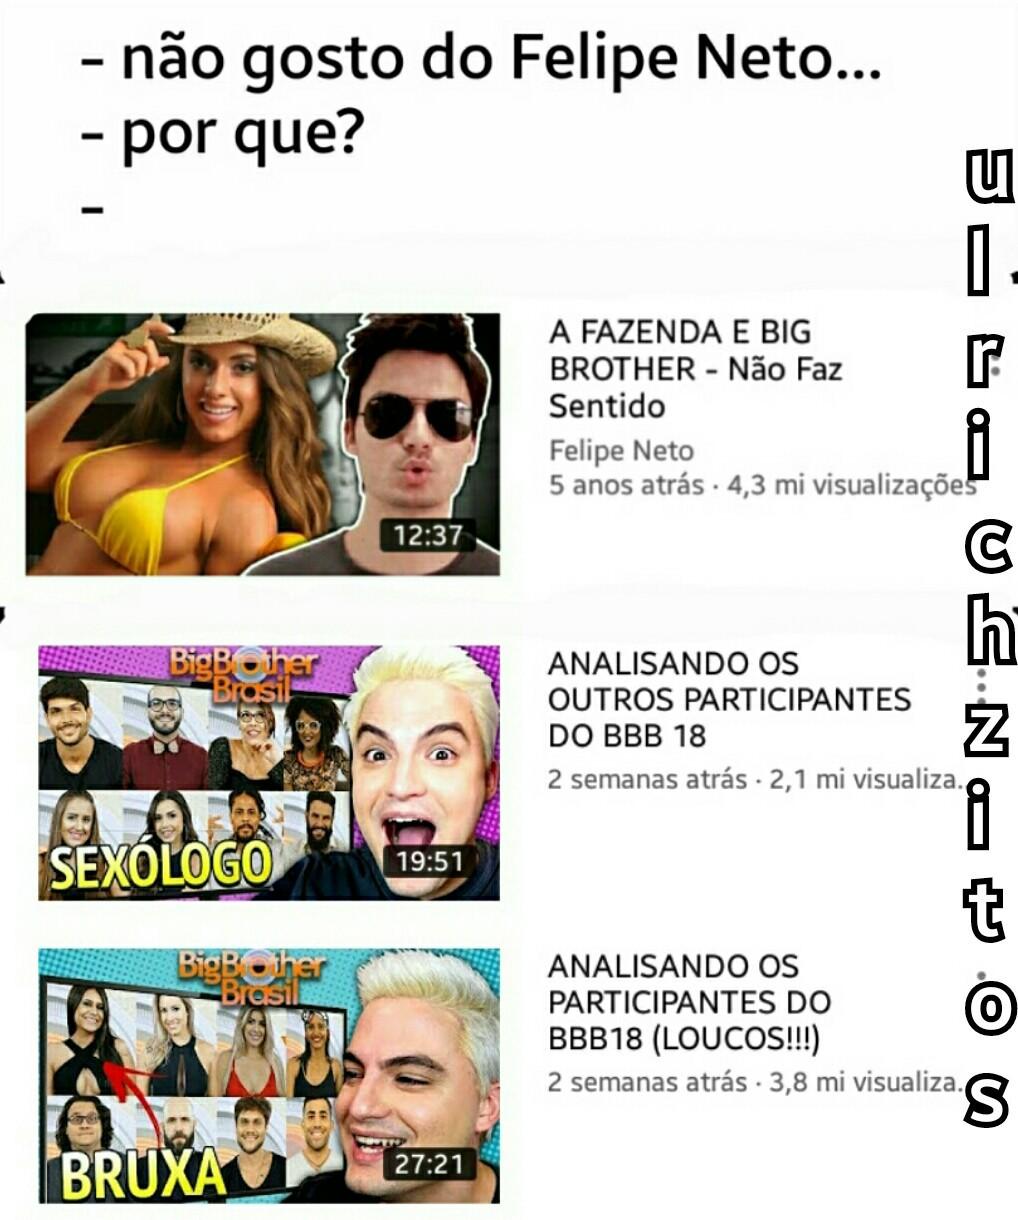 youtube 2018 - meme